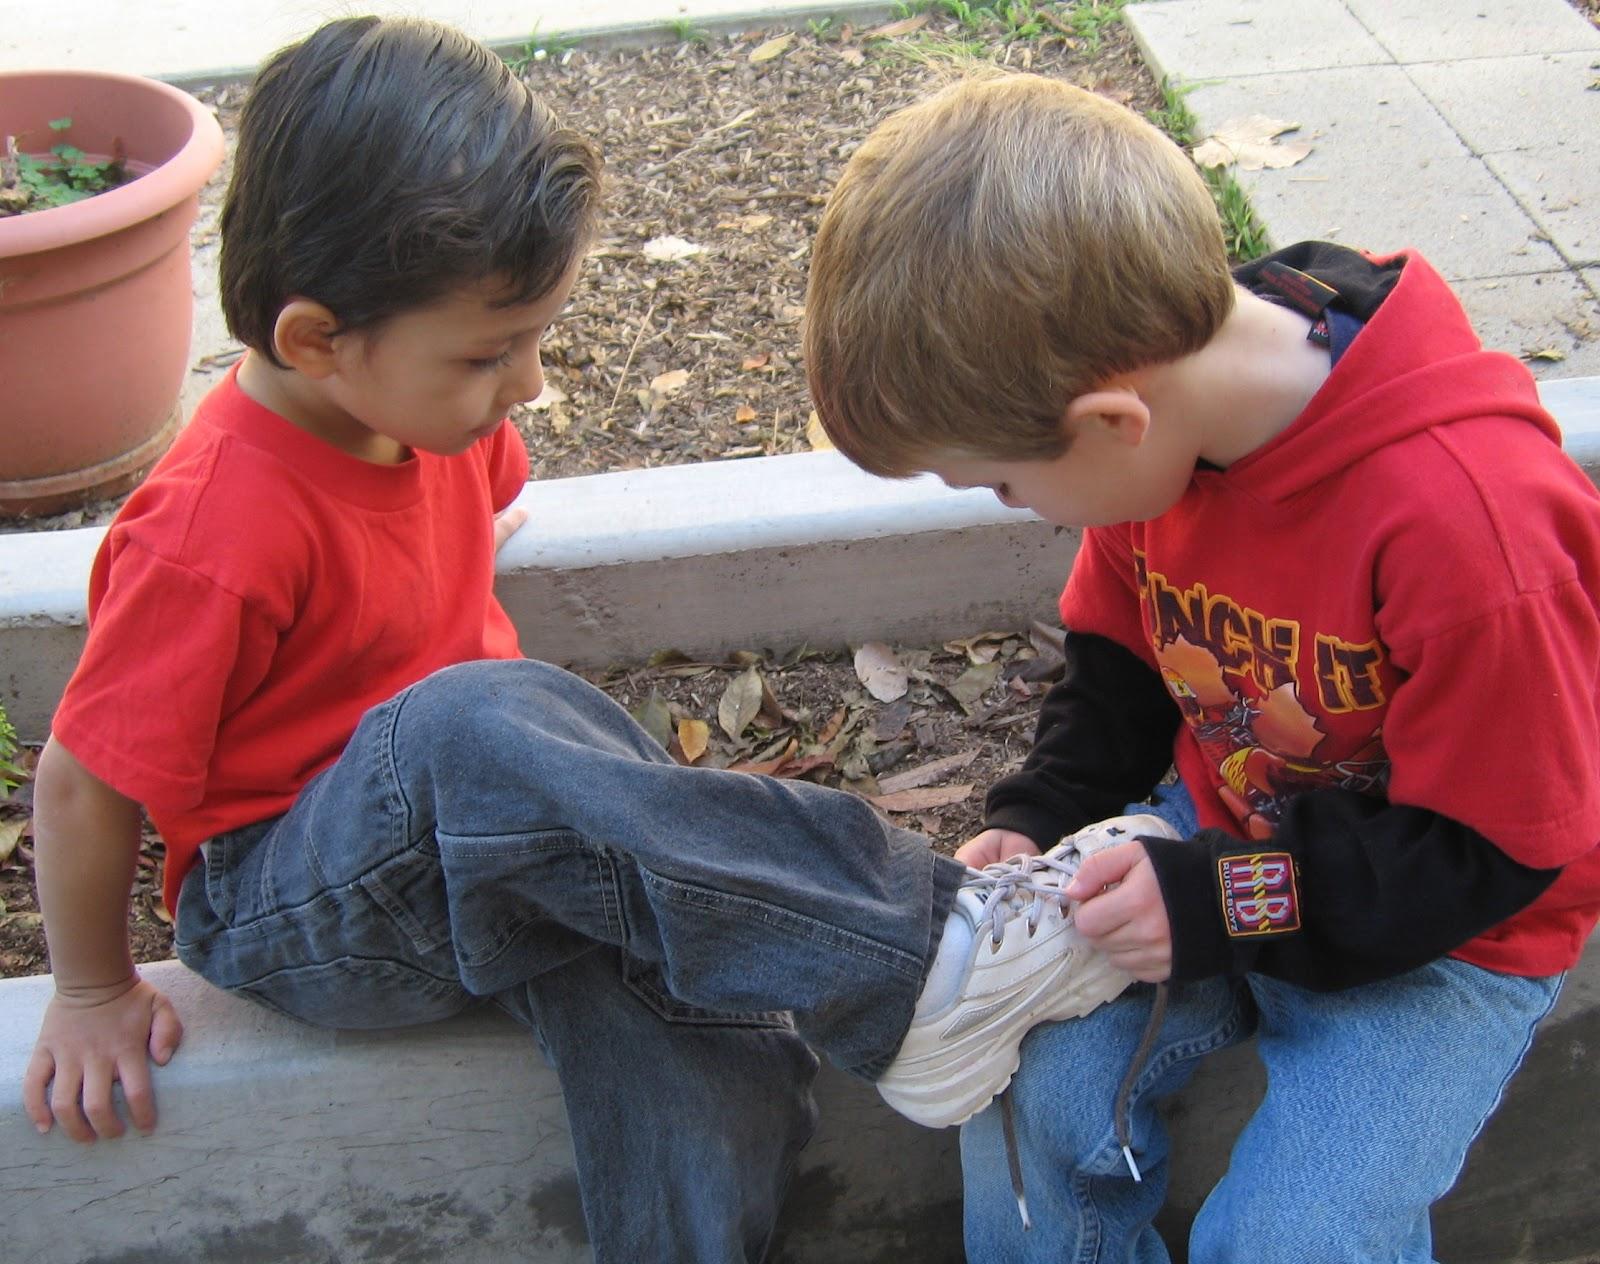 Kết quả hình ảnh cho trẻ con giúp đỡ người khác